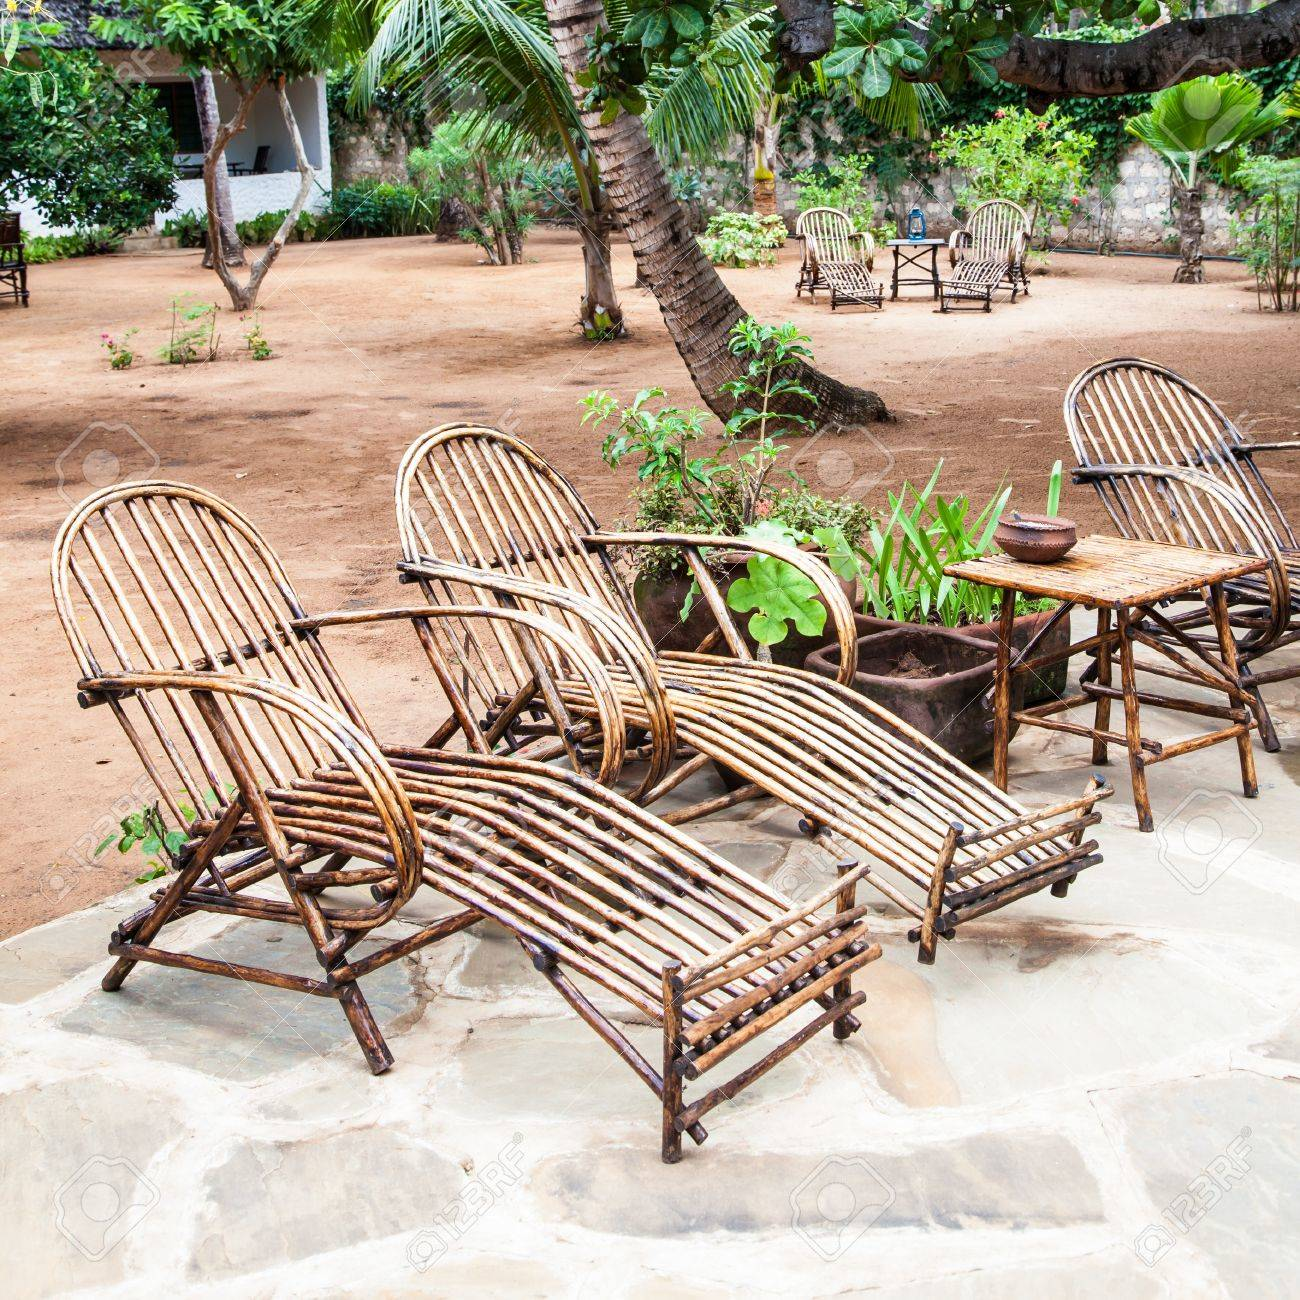 Kenia Elegante Mobel Aus Holz In Einem Afrikanischen Garten Gemacht